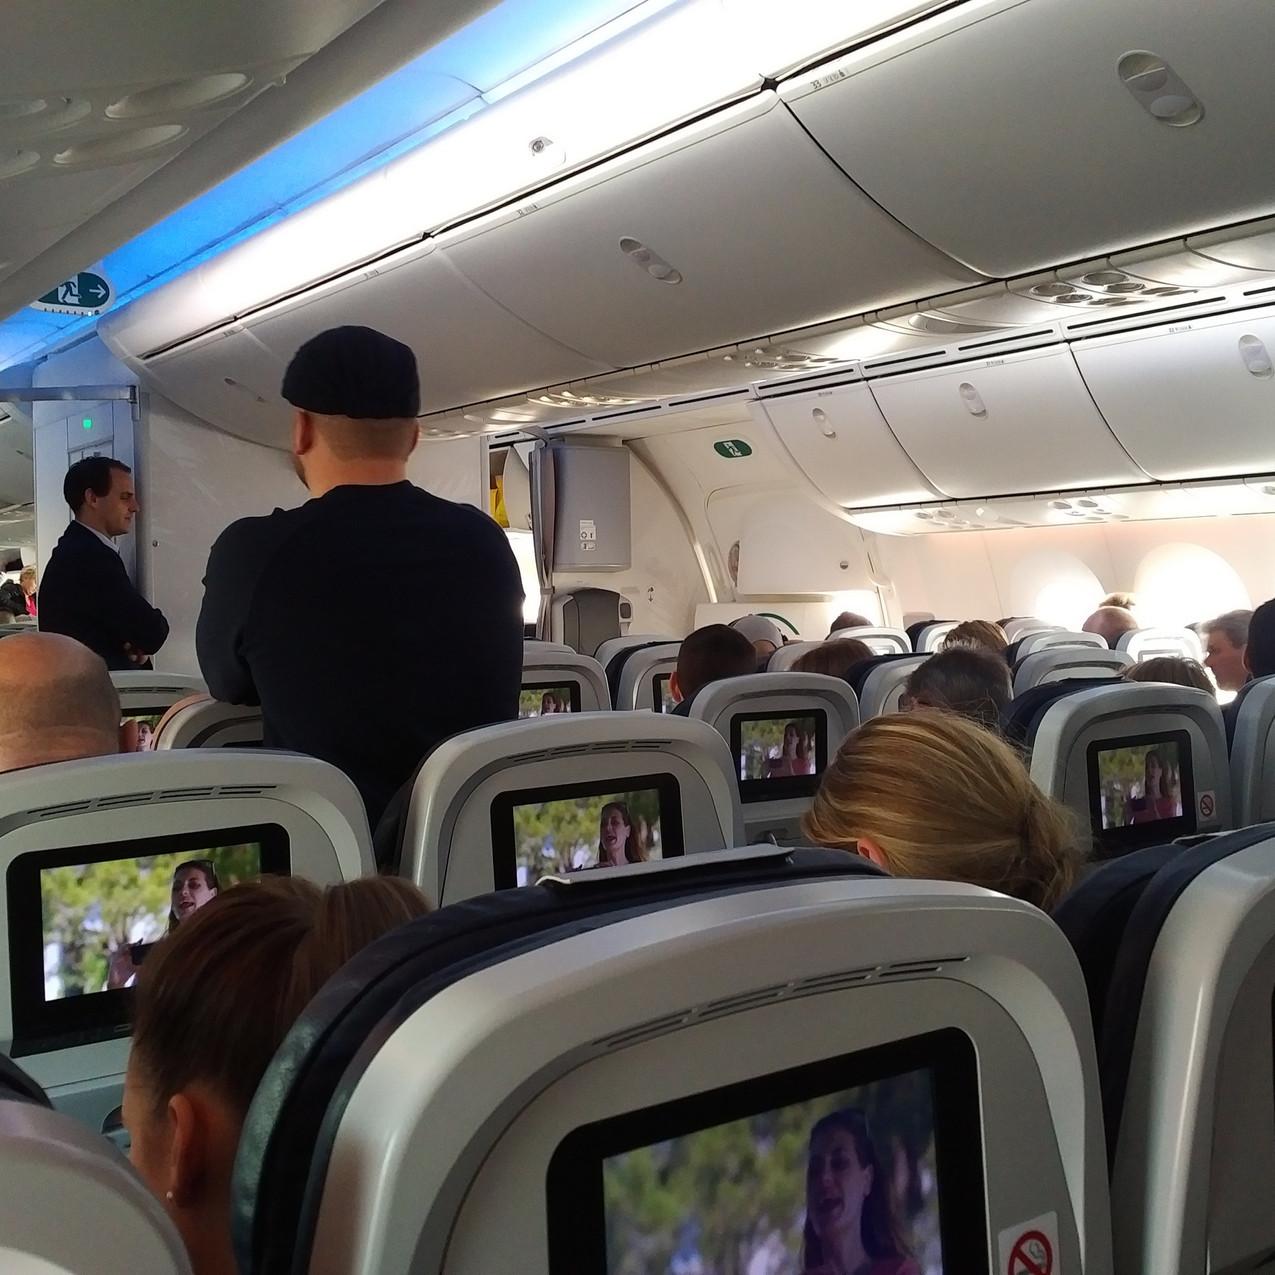 Thomson Boeing 787 Dreamliner cabin